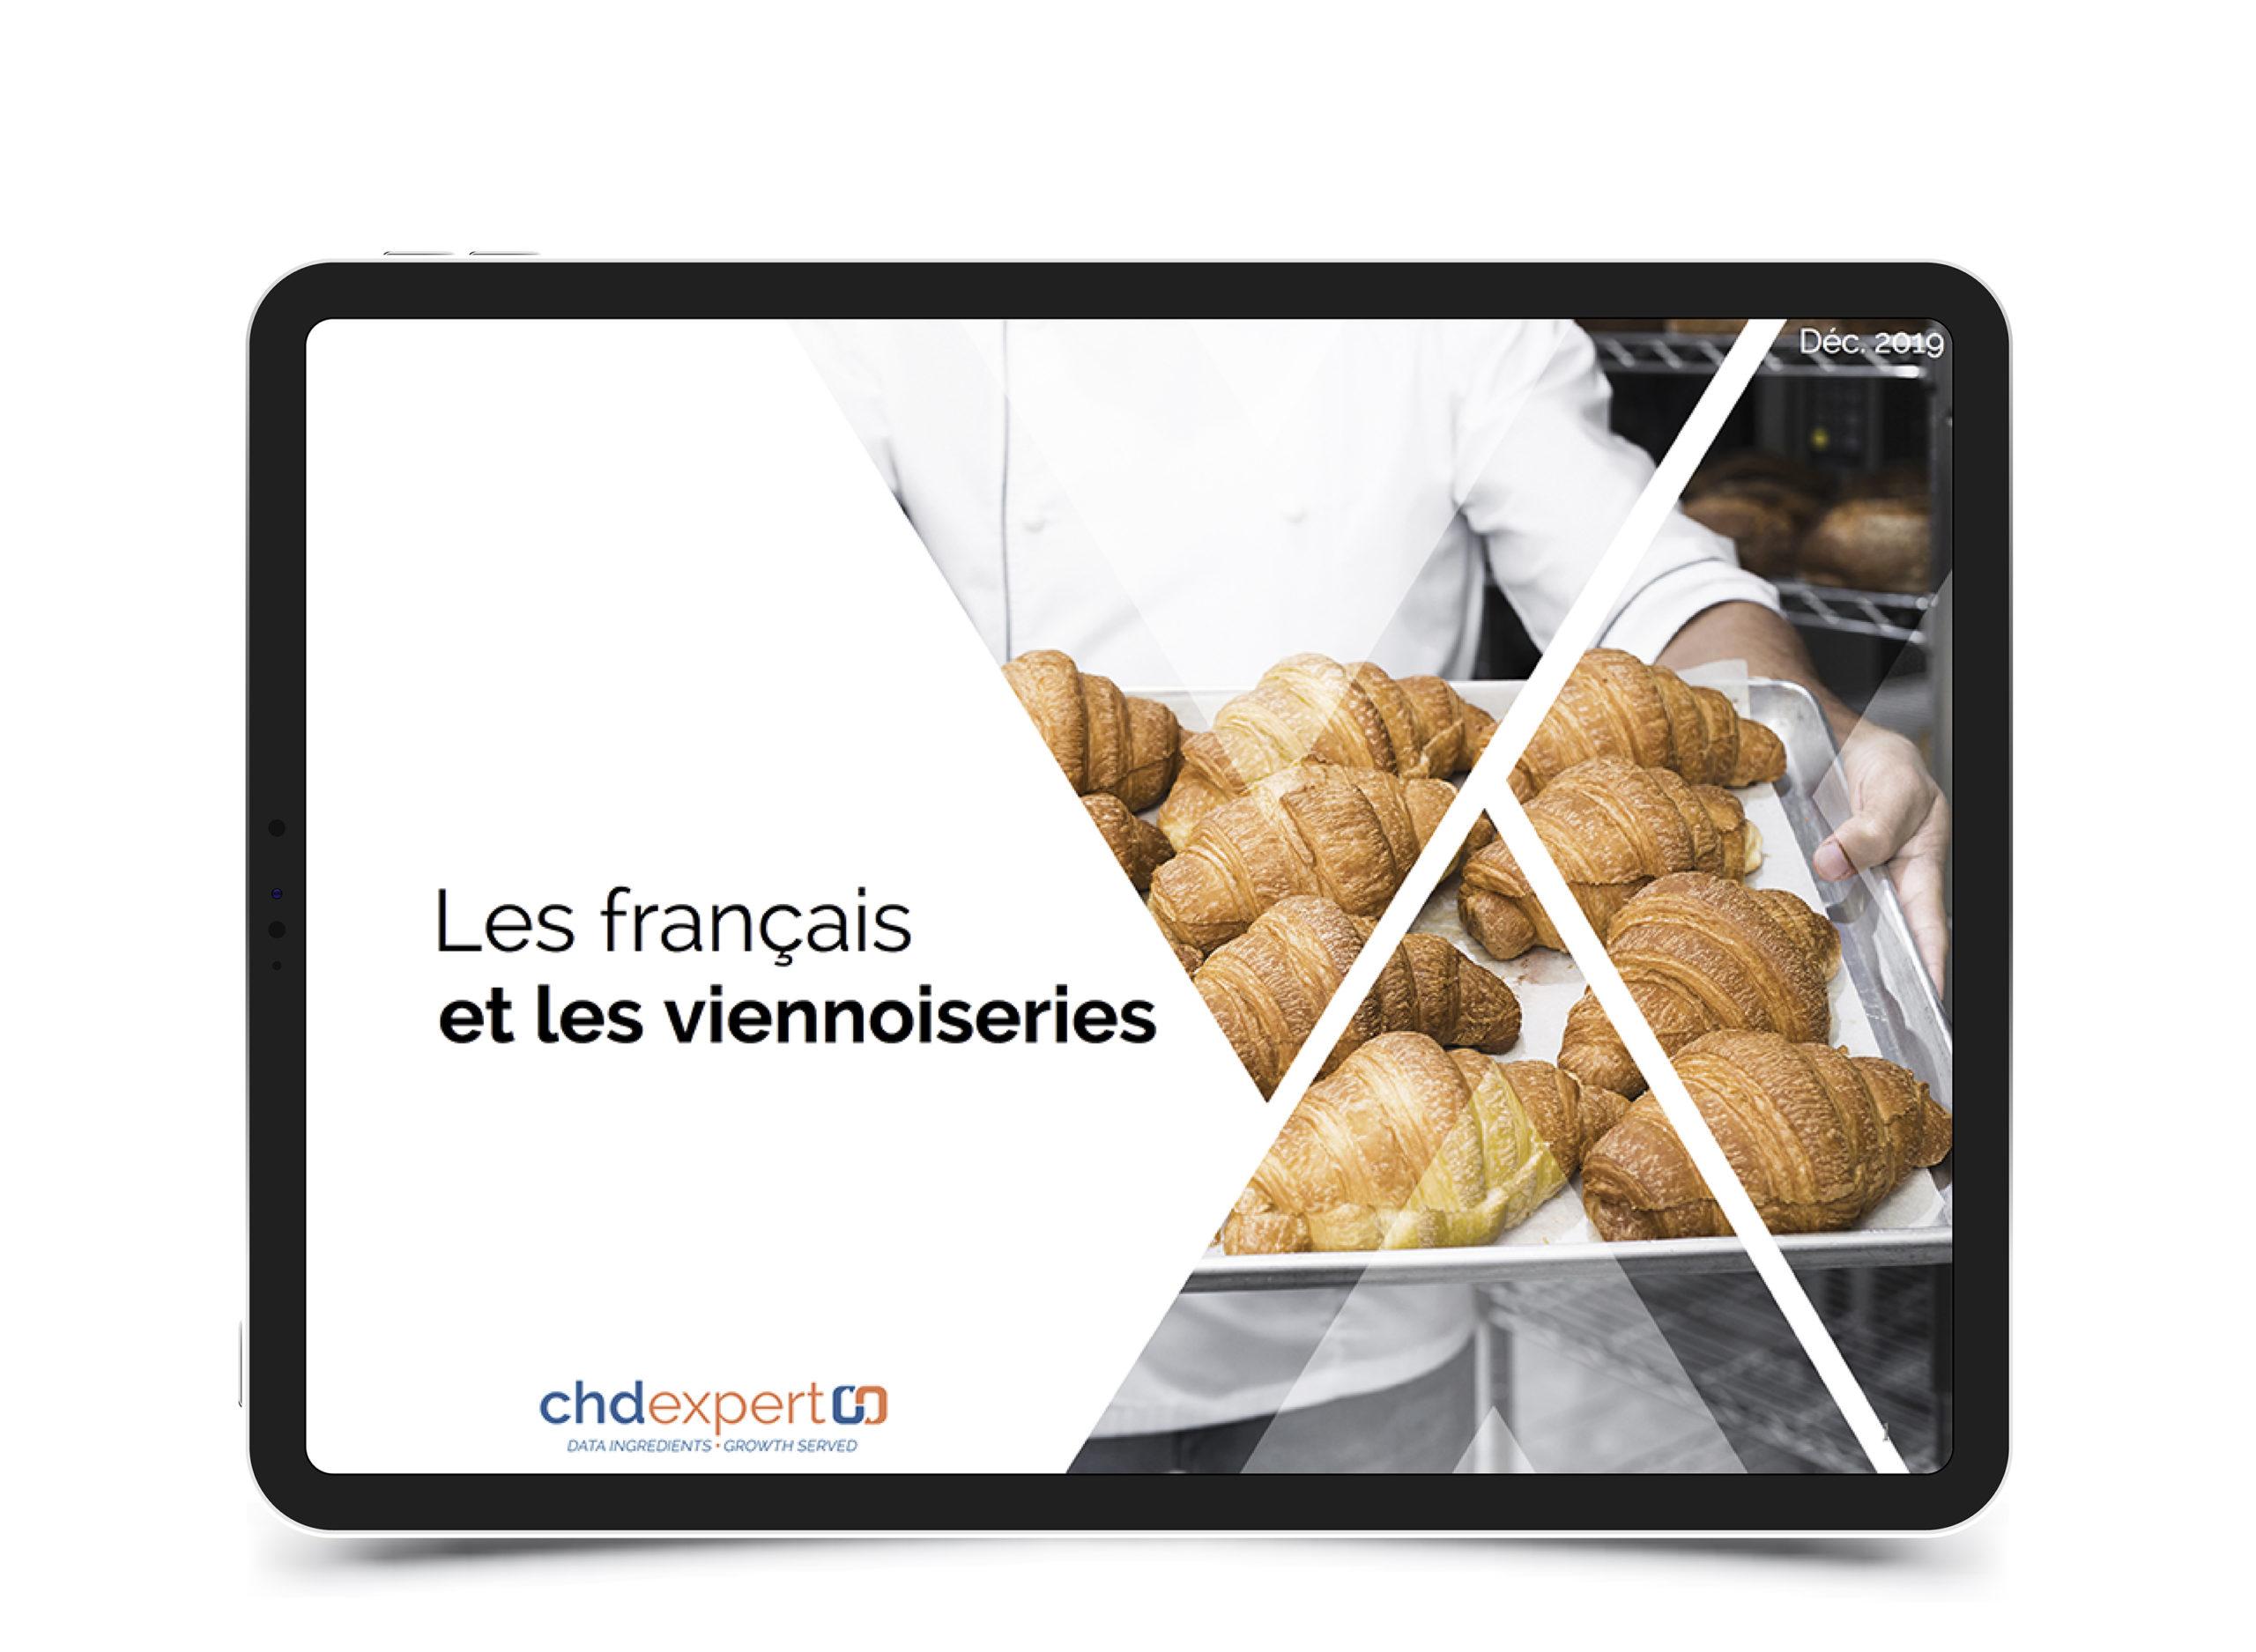 Les français et les viennoiseries